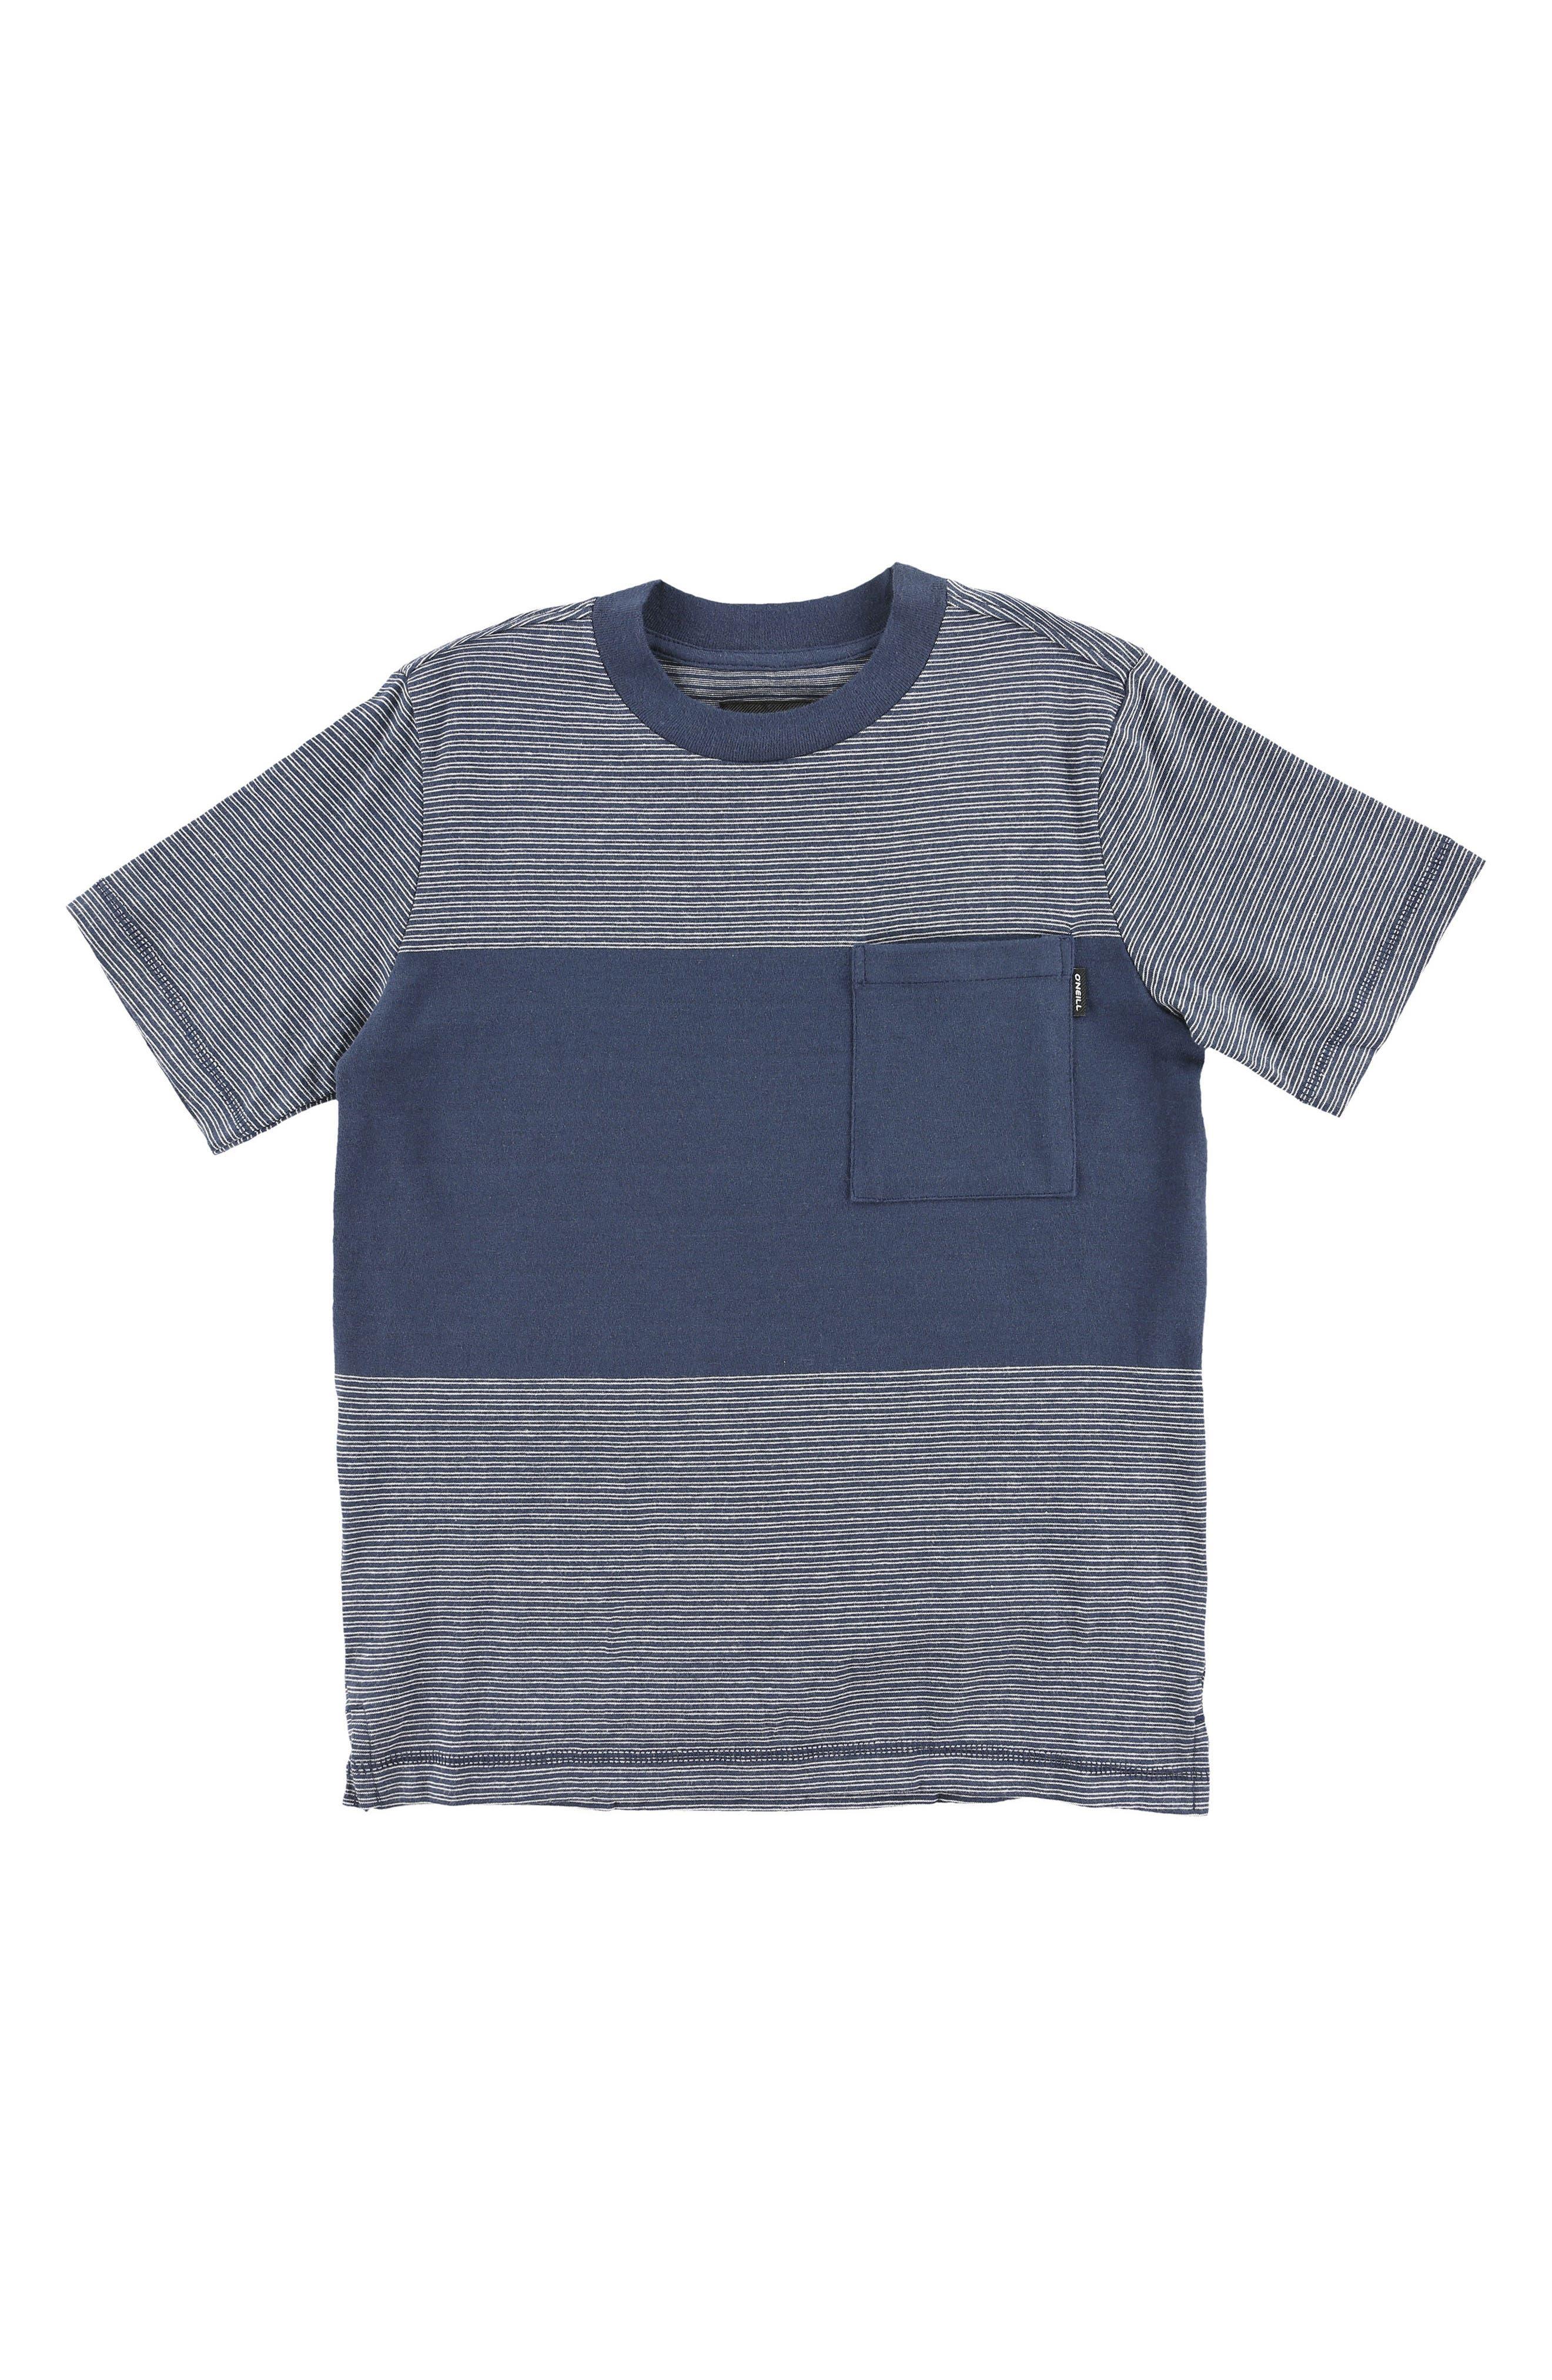 Bernardo T-Shirt,                             Main thumbnail 1, color,                             410